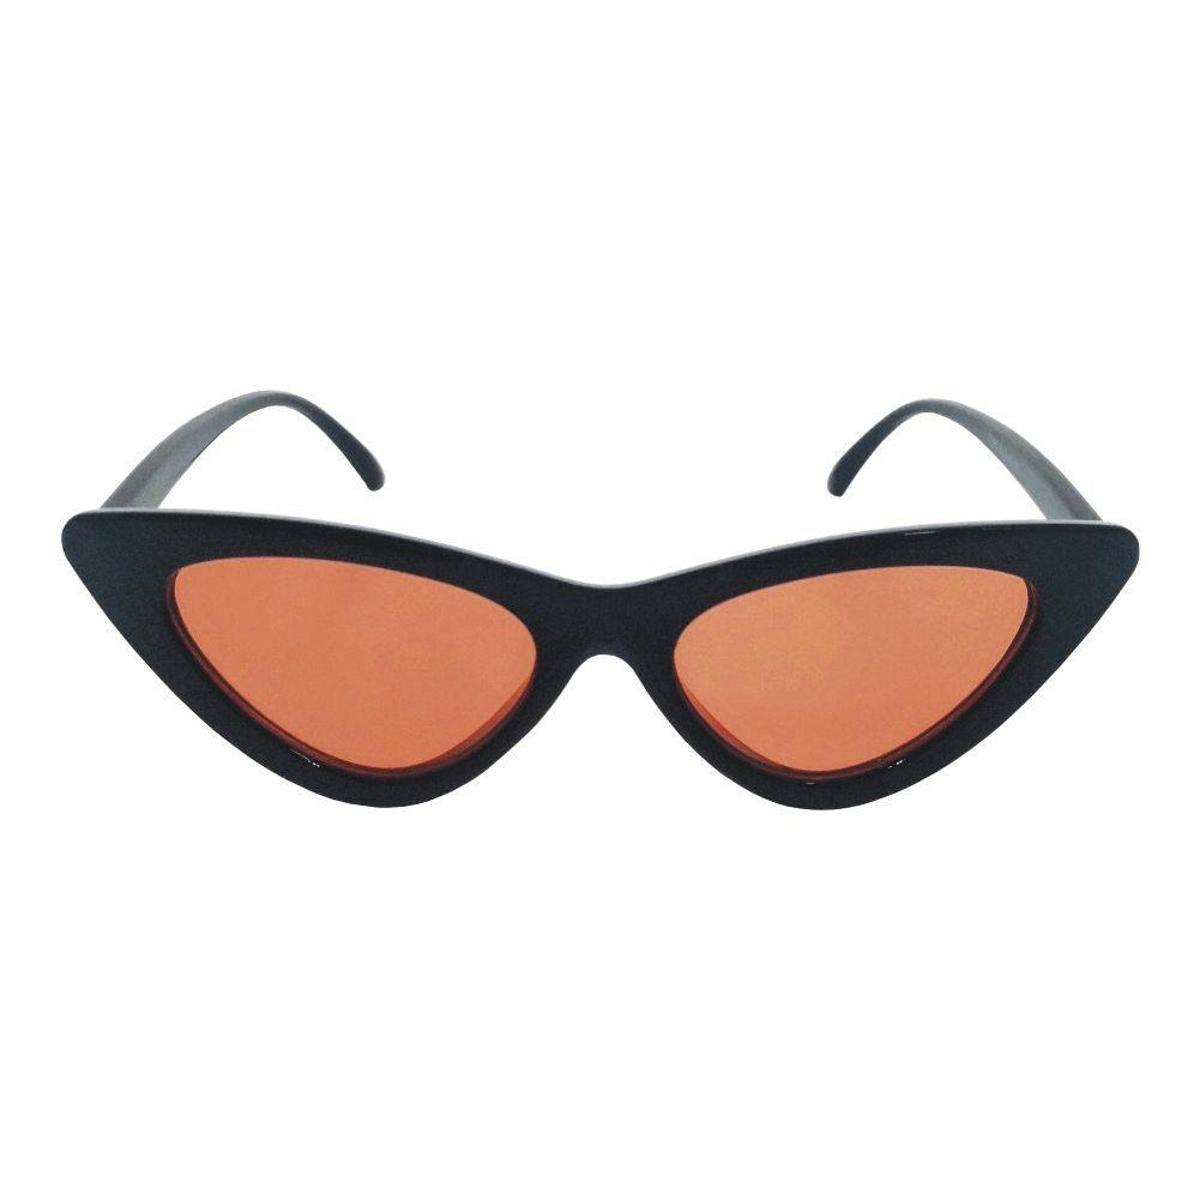 Óculos de Sol Khatto Bruninha Vintage Feminino - Compre Agora   Netshoes 01caaa8610